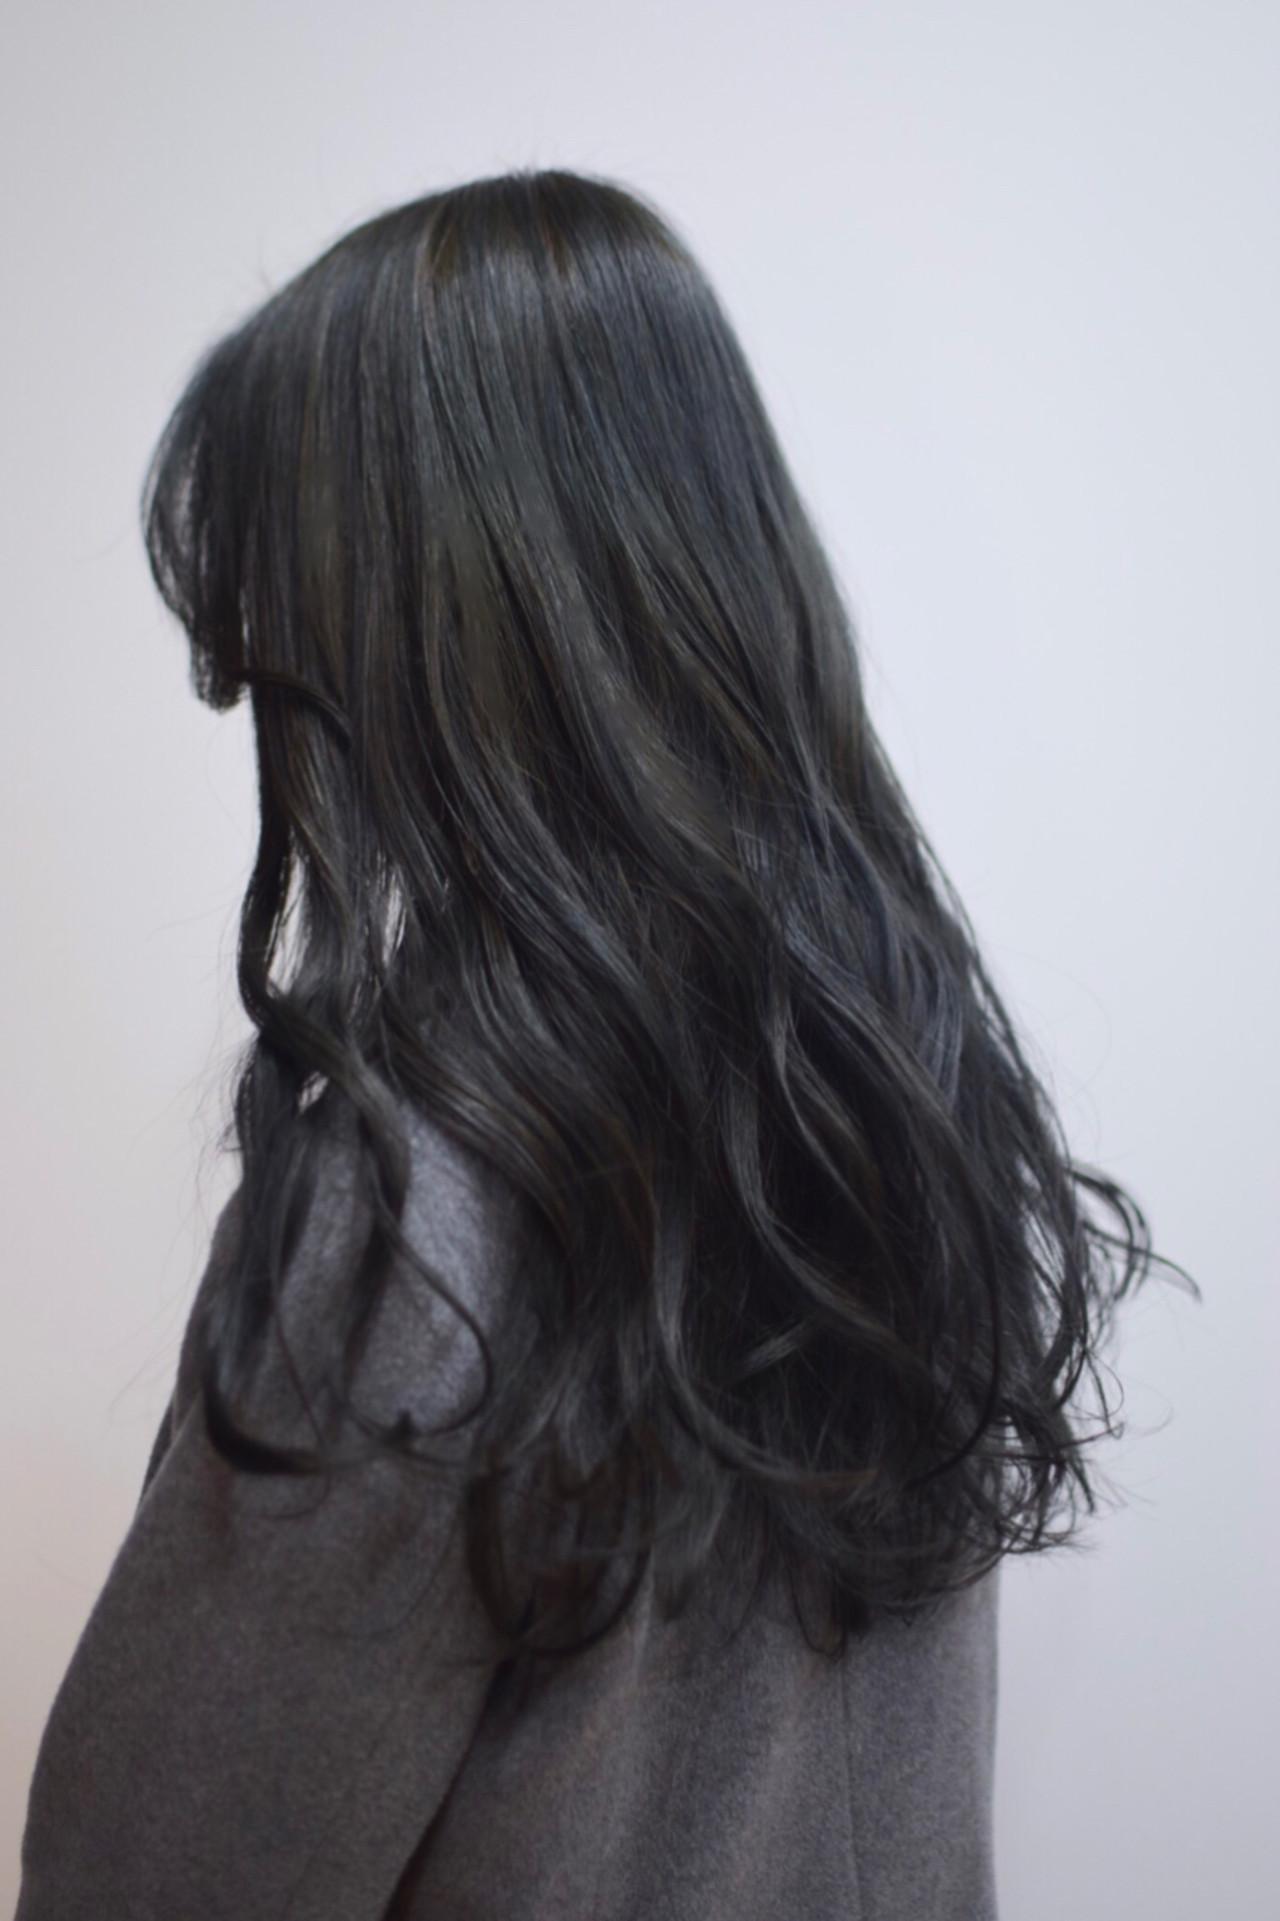 緑の髪色で作る透明感♡ナチュラル個性派髪色に挑戦したいアナタに♡の11枚目の画像